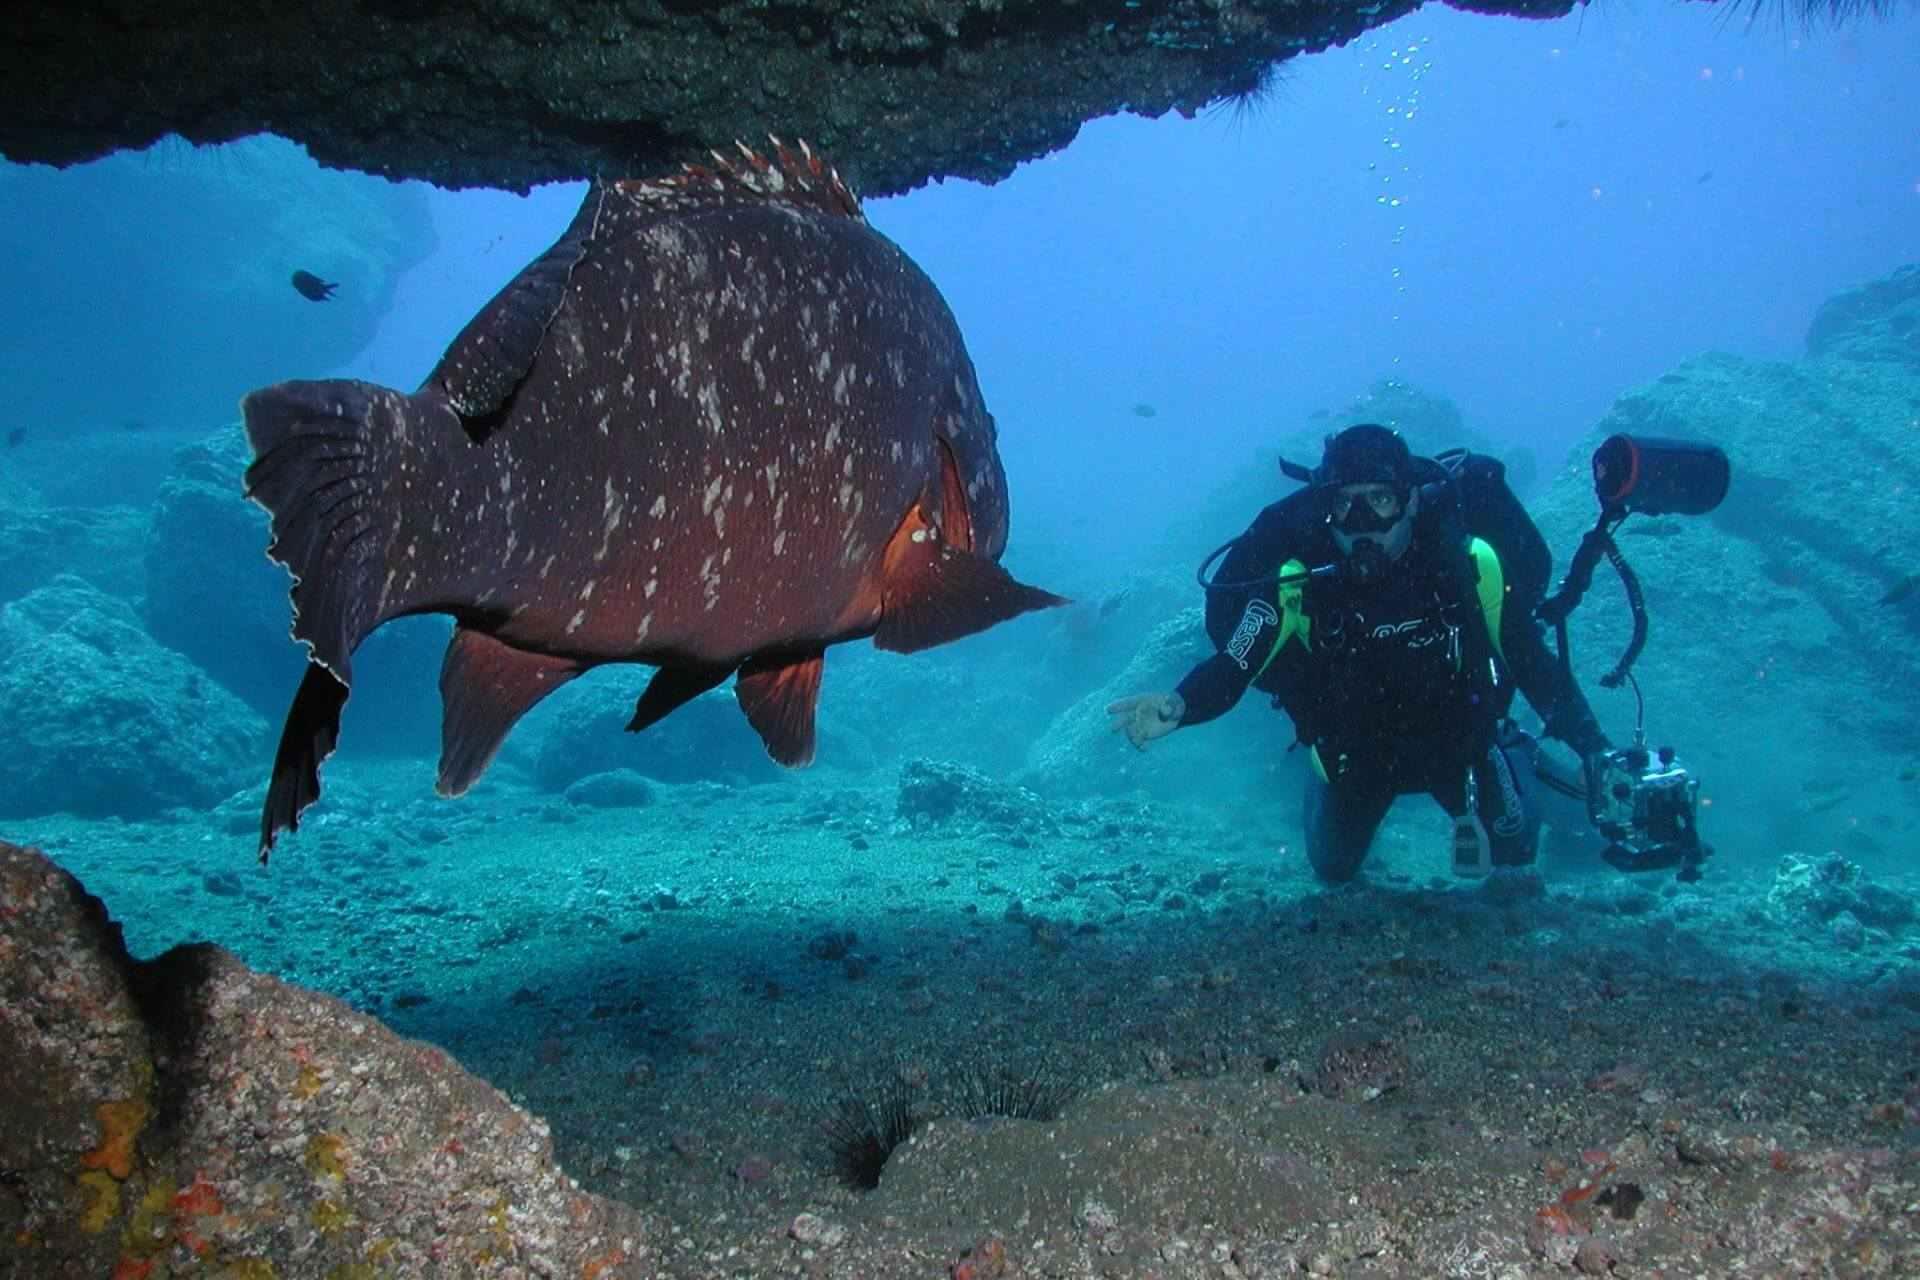 Spektakuläre Begegnung unter Wasser vor Madeira